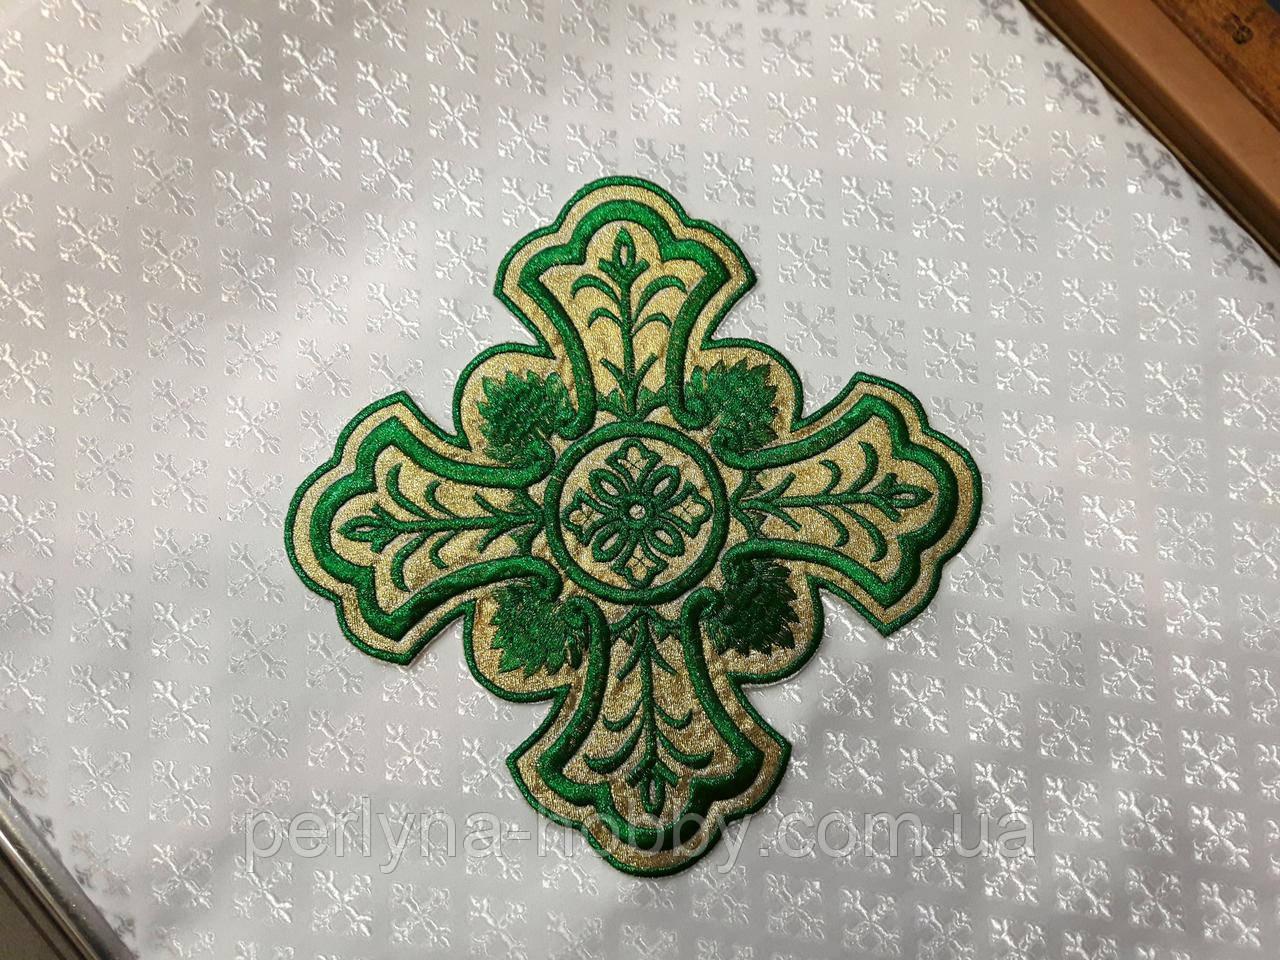 Крест для облачений Хрест для церковного одягу великий  24 х 24 см на золоті зеленими  нитками